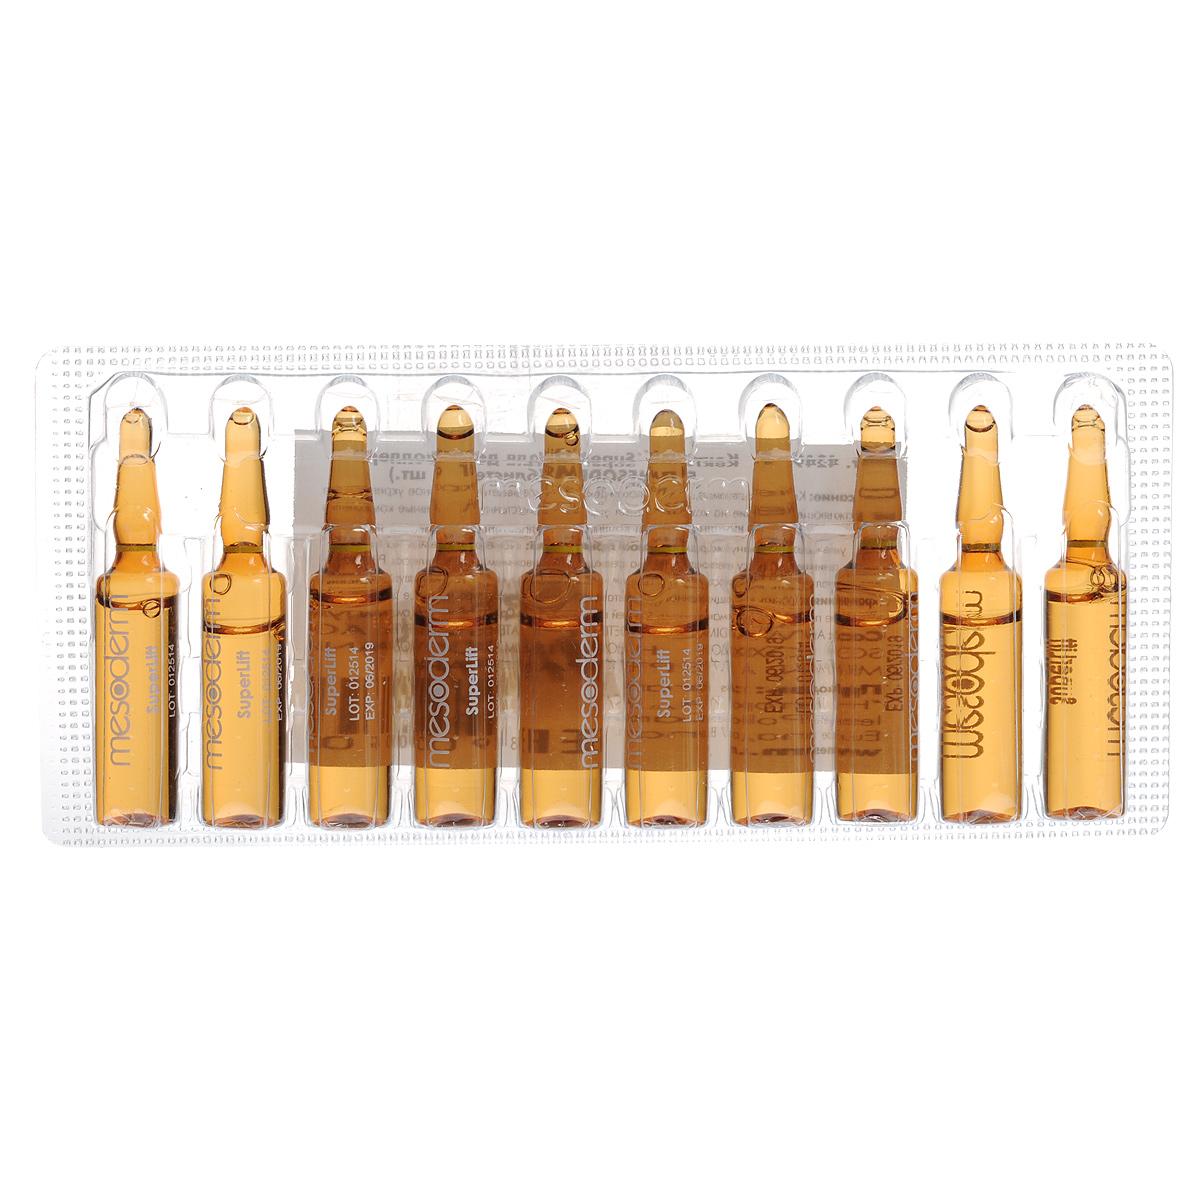 Mesoderm Коктейль-сыворотка для лица, шеи, области декольте SuperLift против увядающей кожи, для дермороллера, 10х5 млFS-00610Концентрированный коктейль, предназначенный для решения проблем увядающей кожи всех типов, а также для профилактики преждевременного старения. Использование коктейля в сочетании с дермароллером оказывает выраженный лифтинговый эффект наряду с превосходным увлажнением и повышением эластичности кожи.Применение дермароллера является одним из самых действенных современных методов для устранения морщин и сохранения здоровья и молодости кожи, без риска, боли и уколов.Использование дермароллера гарантировано уменьшает глубину морщин, как мимических, так и возрастных, значительно улучшает внешний вид и состояние кожи, независимо от возраста и типа кожи.Тончайшие микроканалы, созданные в коже микроиглами дермароллера во время процедуры, являются проводниками активных компонентов коктейля на необходимую глубину.Благодаря дермароллеру, эффективность действия компонентов коктейля повышается до 50%, что позволяет получить великолепный результат при минимально затраченном времени. Активные компоненты препарата способствуют улучшению цвета лица, повышает упругость и тонус кожи, нейтрализуют негативное влияние свободных радикалов, защищая клетки. Коктейль может применяться для всех типов кожи с признаками старения, а также для профилактики преждевременного старения.Товар сертифицирован.